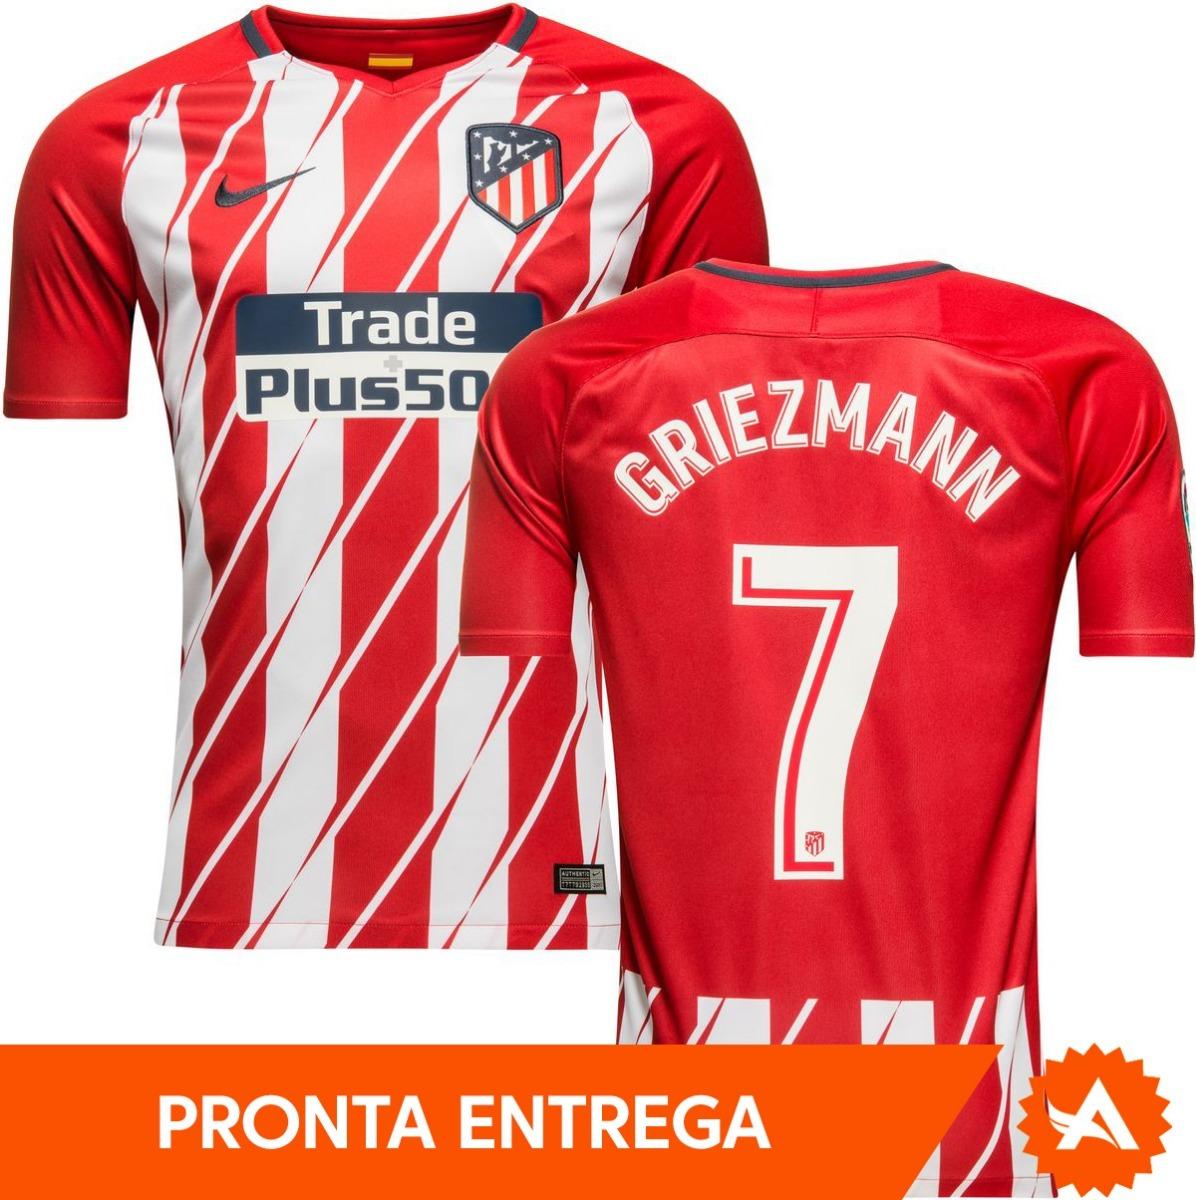 Camisa Nike Atlético De Madrid Home Nº7 Griezmann 2018 Home - R  169 ... a85da59dea171